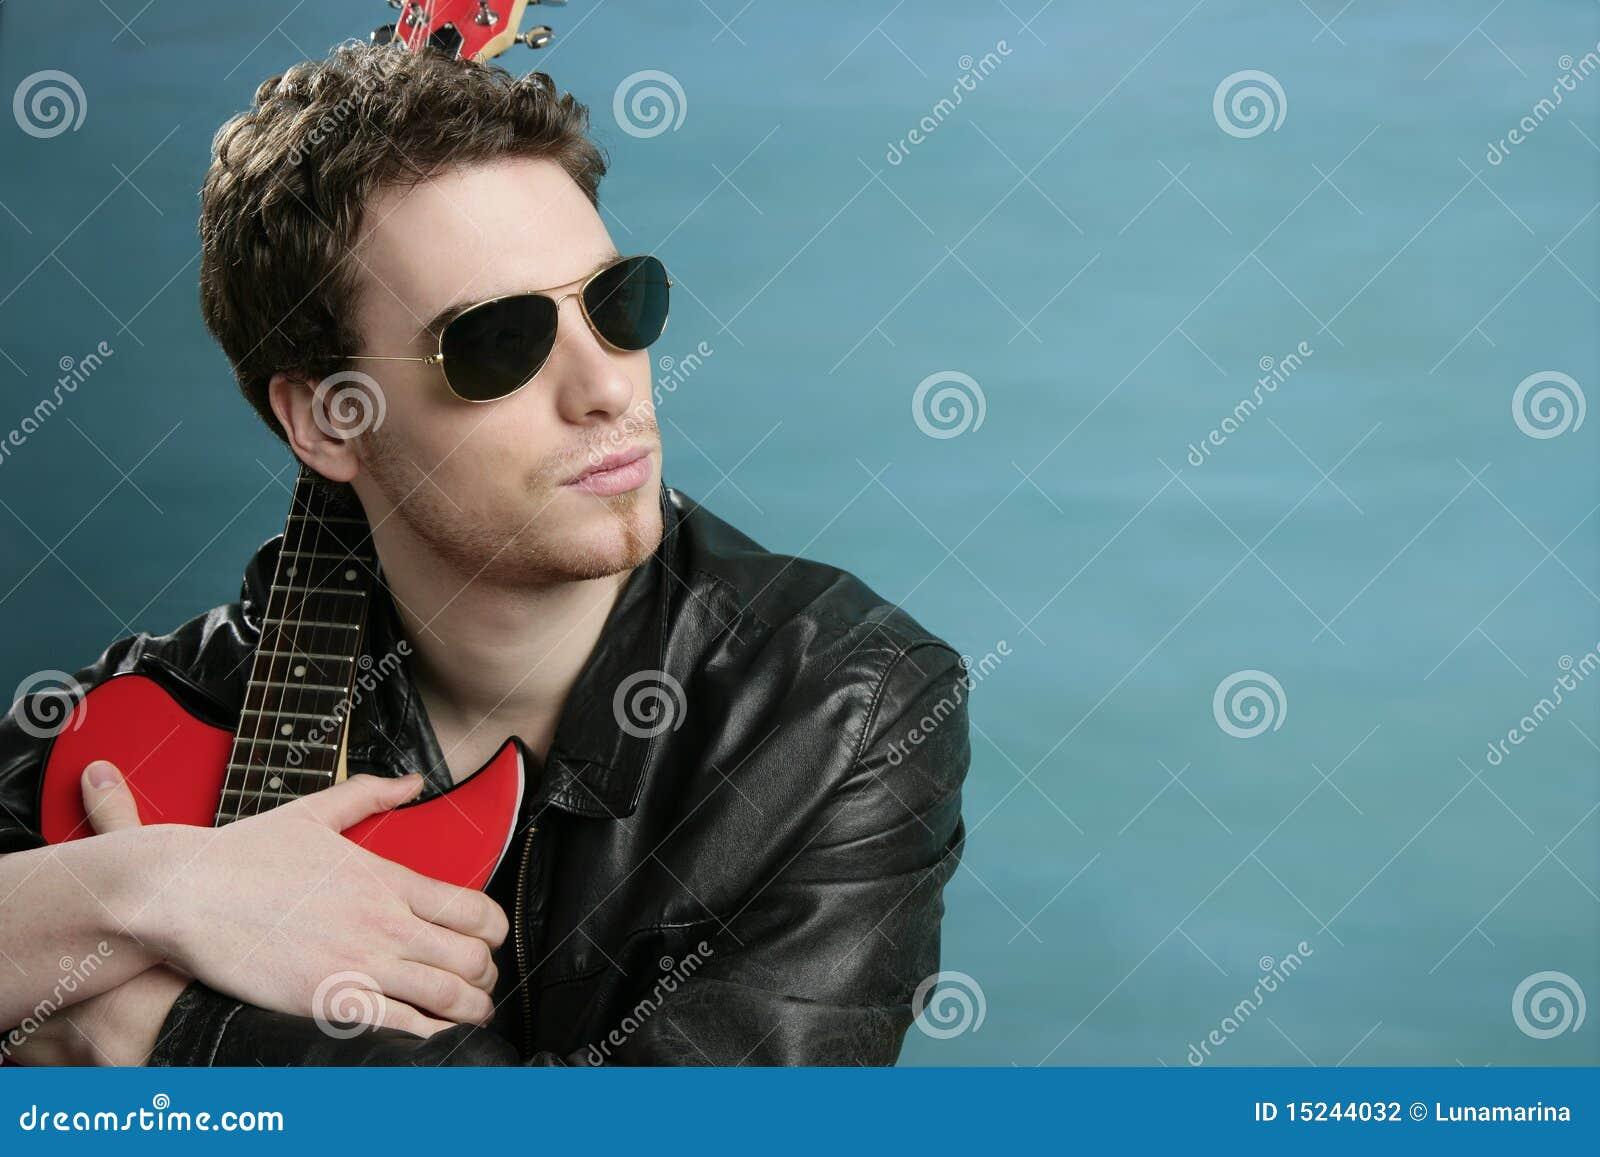 d5afed72bfe4cb Jupe en cuir de lunettes de soleil d homme de vedette du rock de guitare